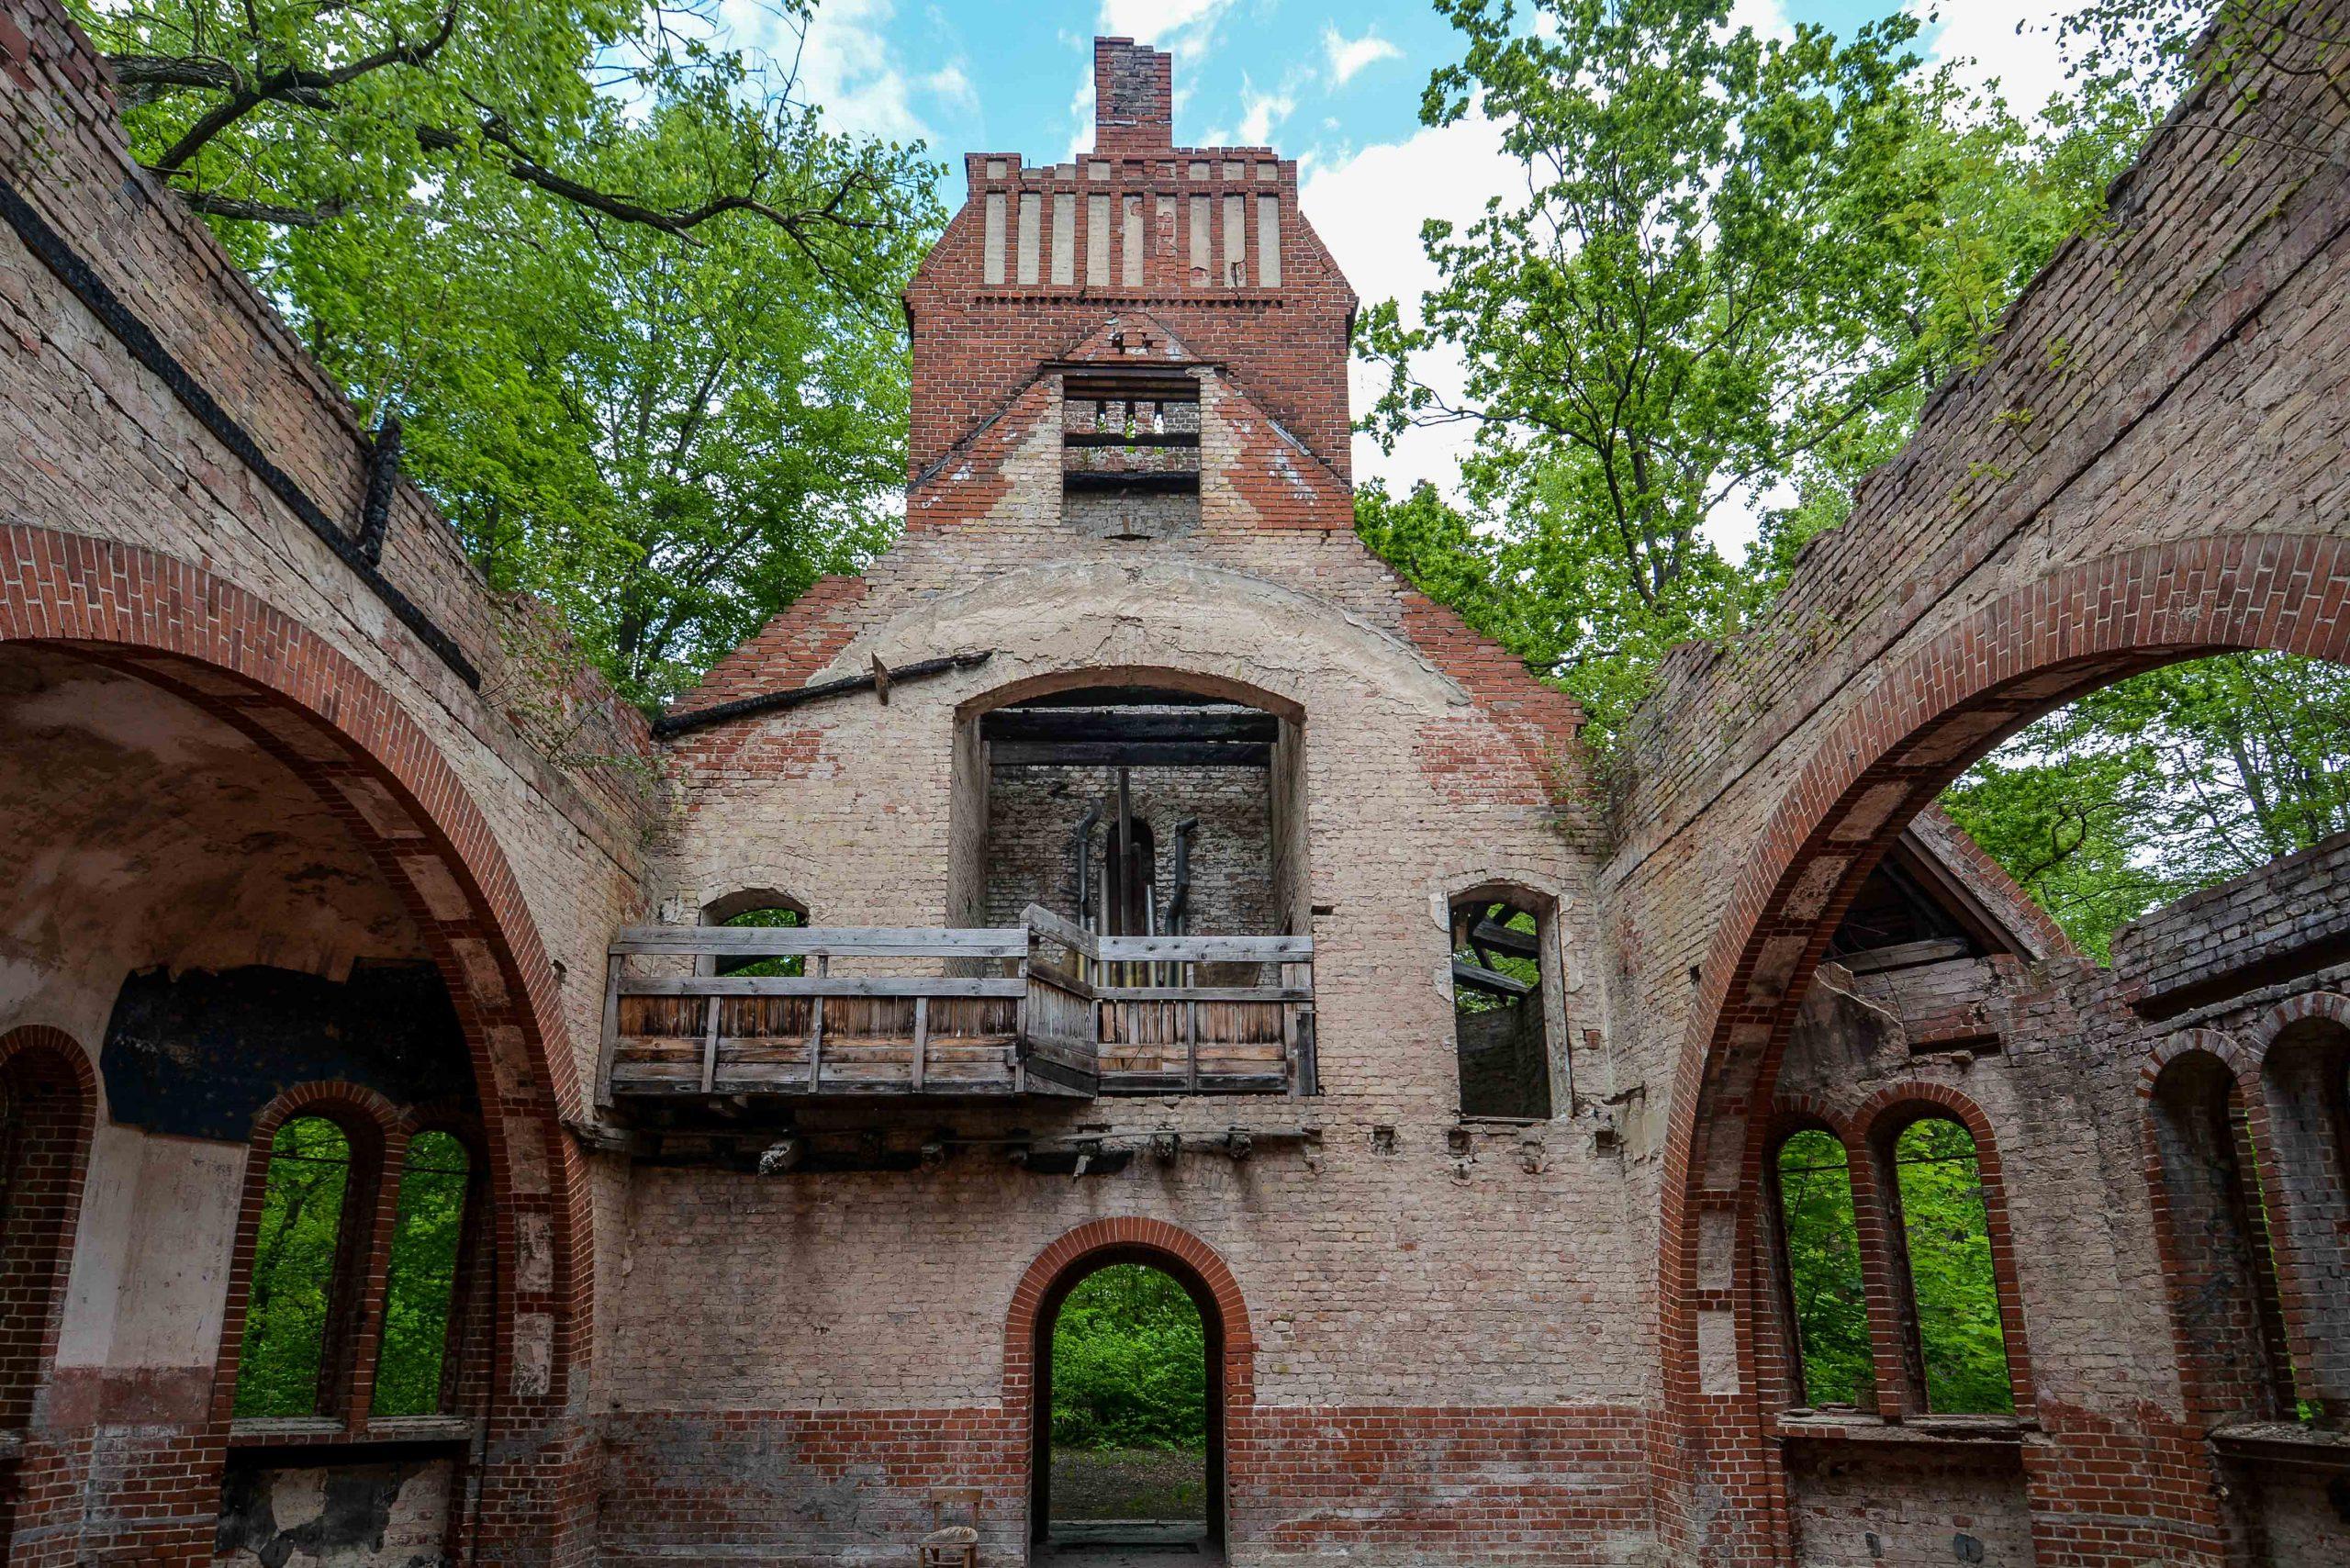 interior abandoned church tuberkulose heilstaette grabowsee sanatorium hospital oranienburg lost places abandoned urbex brandenburg germany deutschland